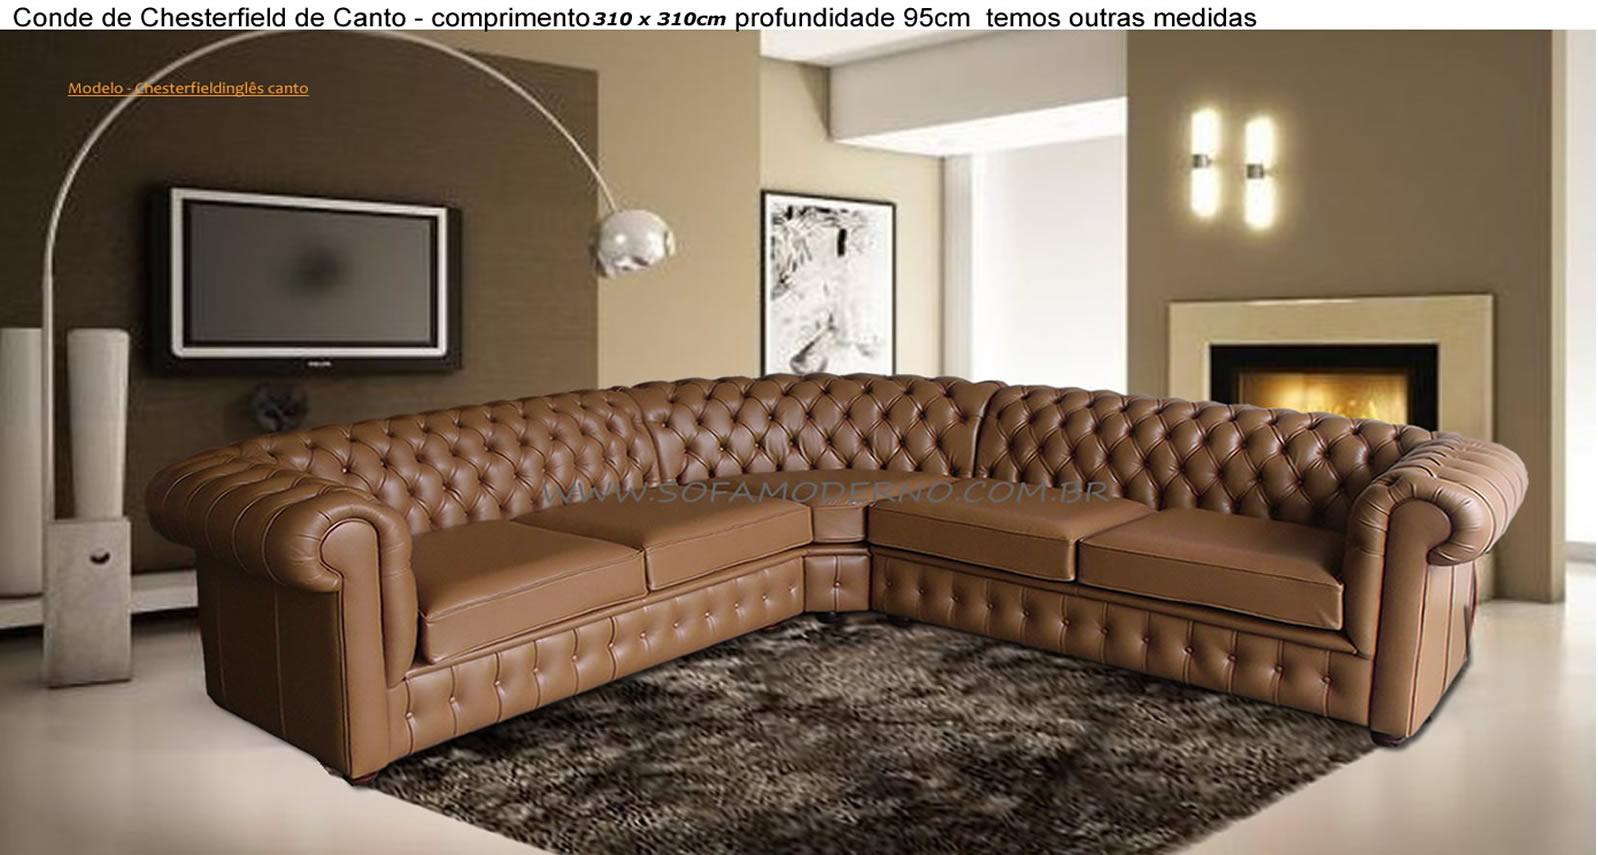 Ver Sofa De Fabrica Sofamoderno Com Br -> Estofados De Canto Confortavel Para Sala Pequena